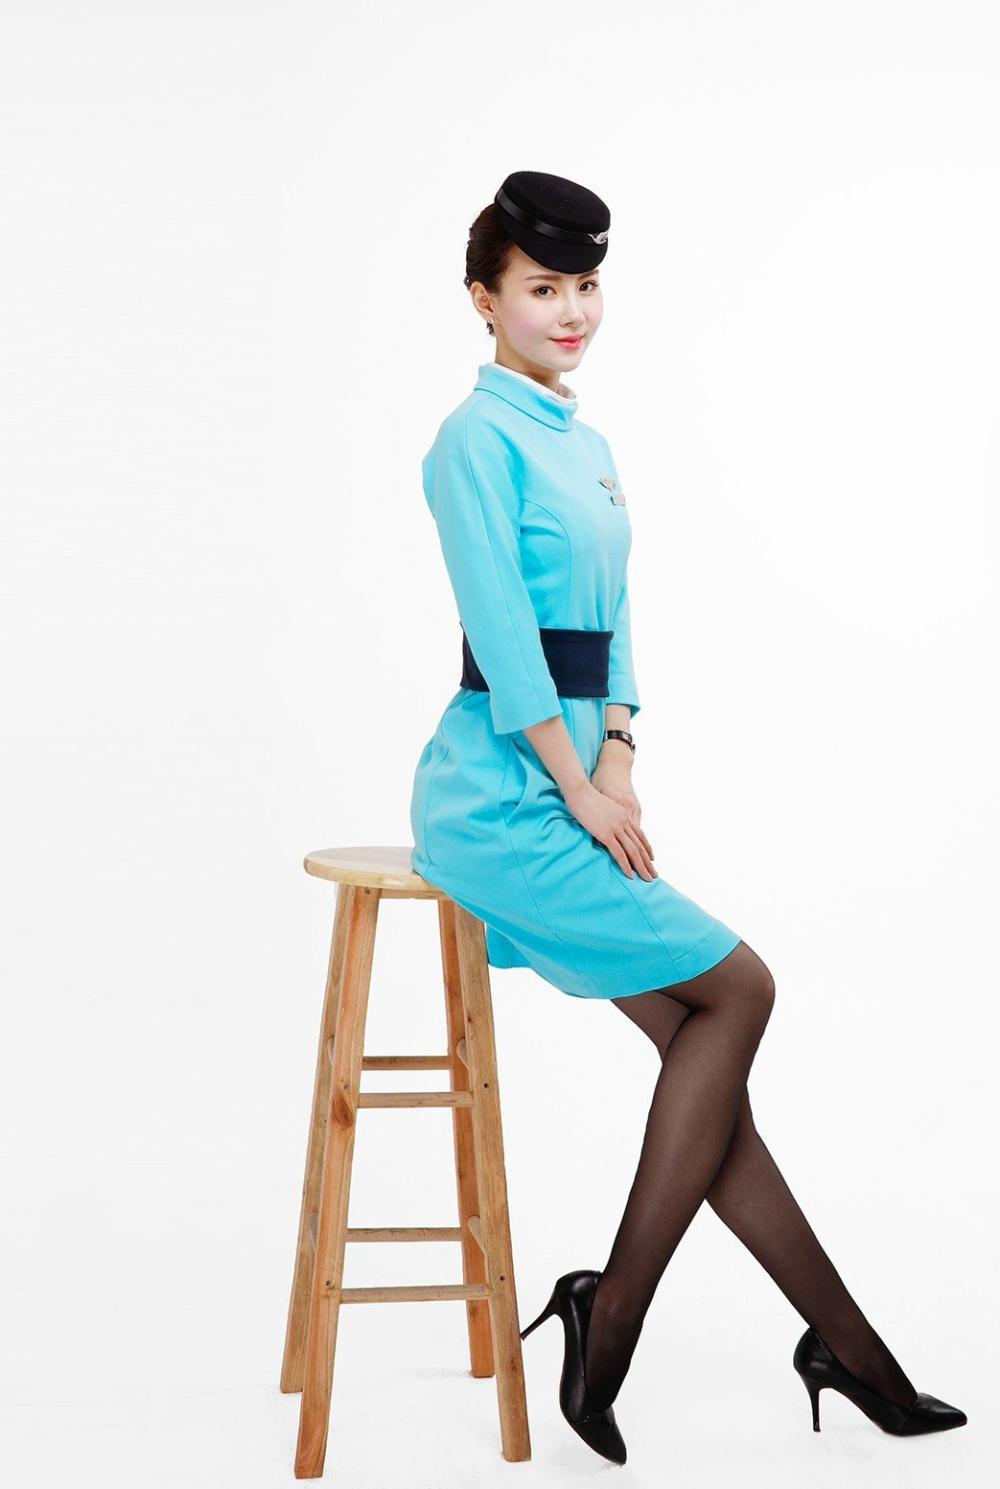 厦门航空空姐制服照,看看厦航空姐的惊艳,优雅端庄的坐姿,摄影:风中的